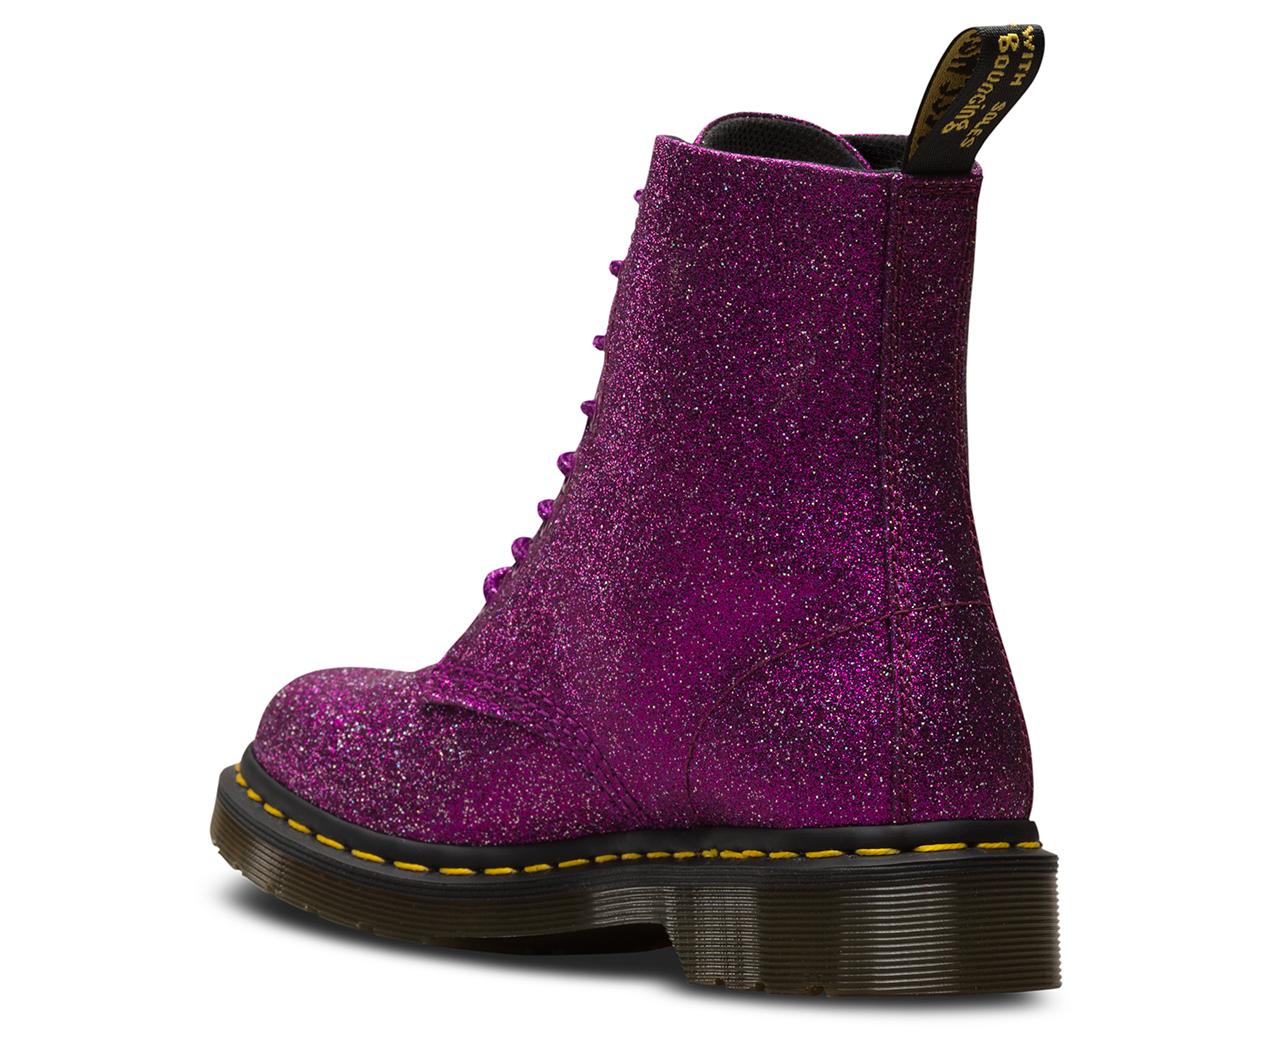 d6440a668a36 1460 PASCAL FINE GLITTER | Women's Boots, Shoes & Sandals | Dr ...